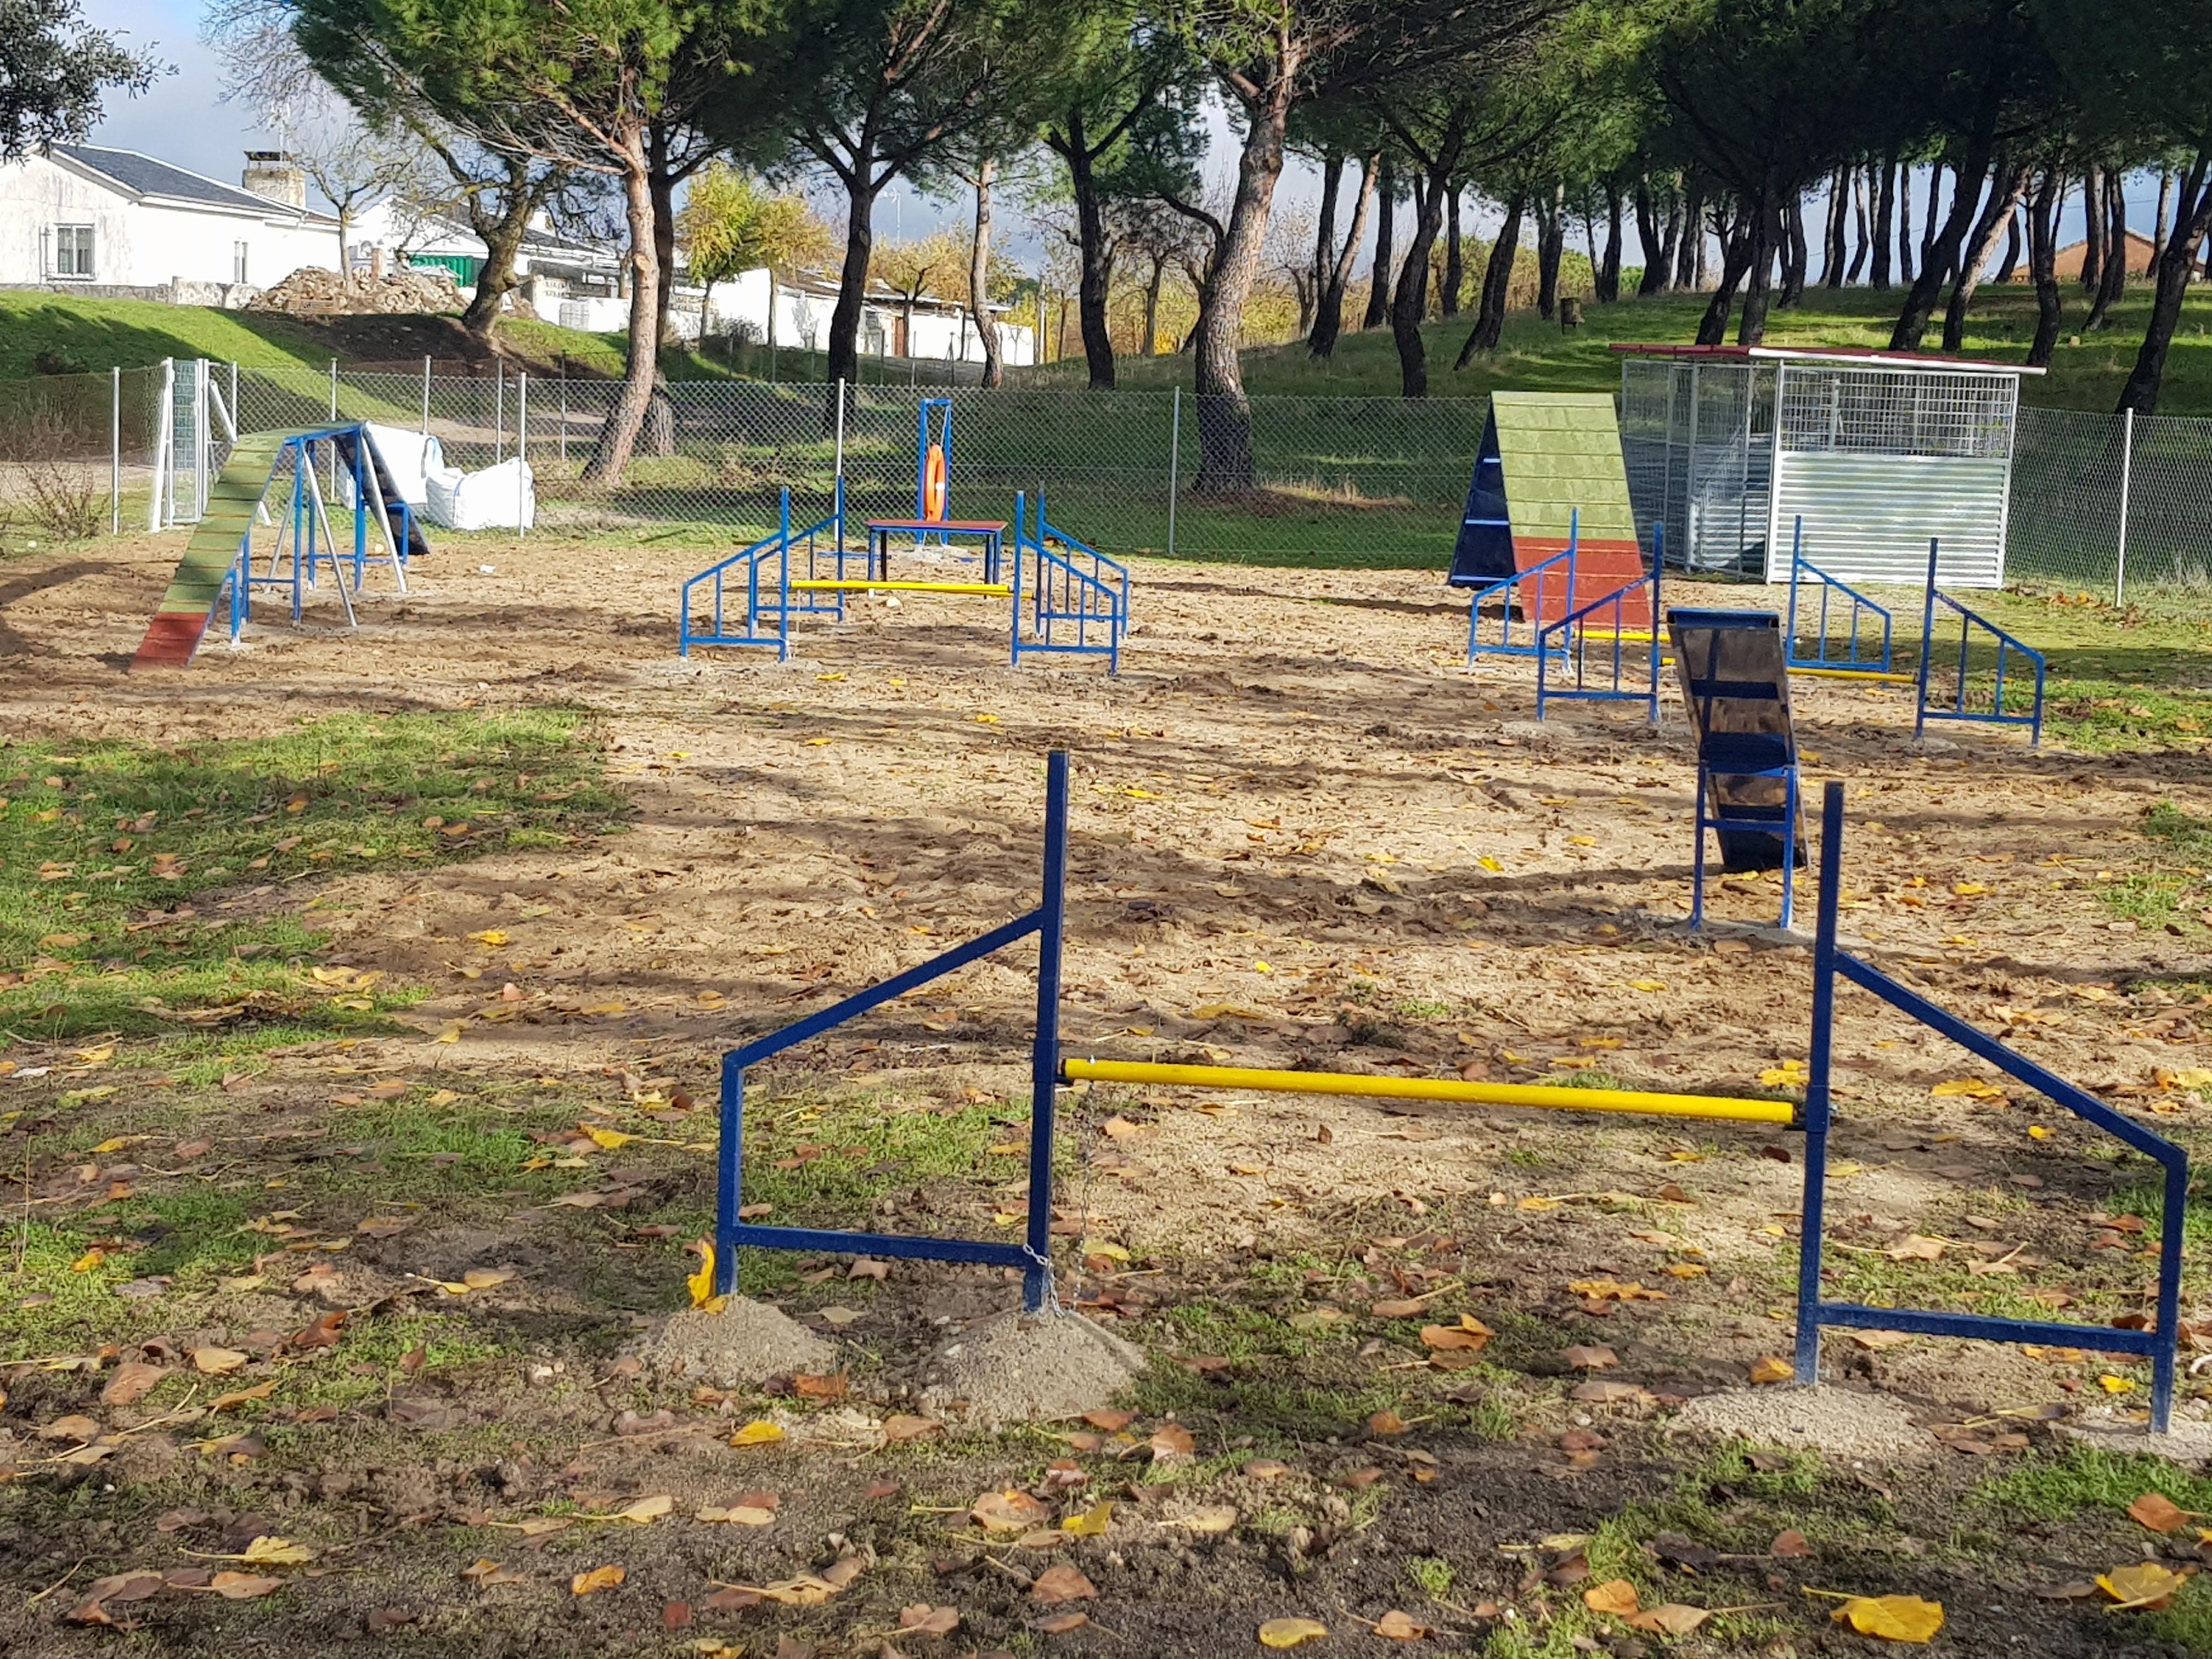 Foto del parque canino donde se aprecian las rampas, vallas y perrera del mismo